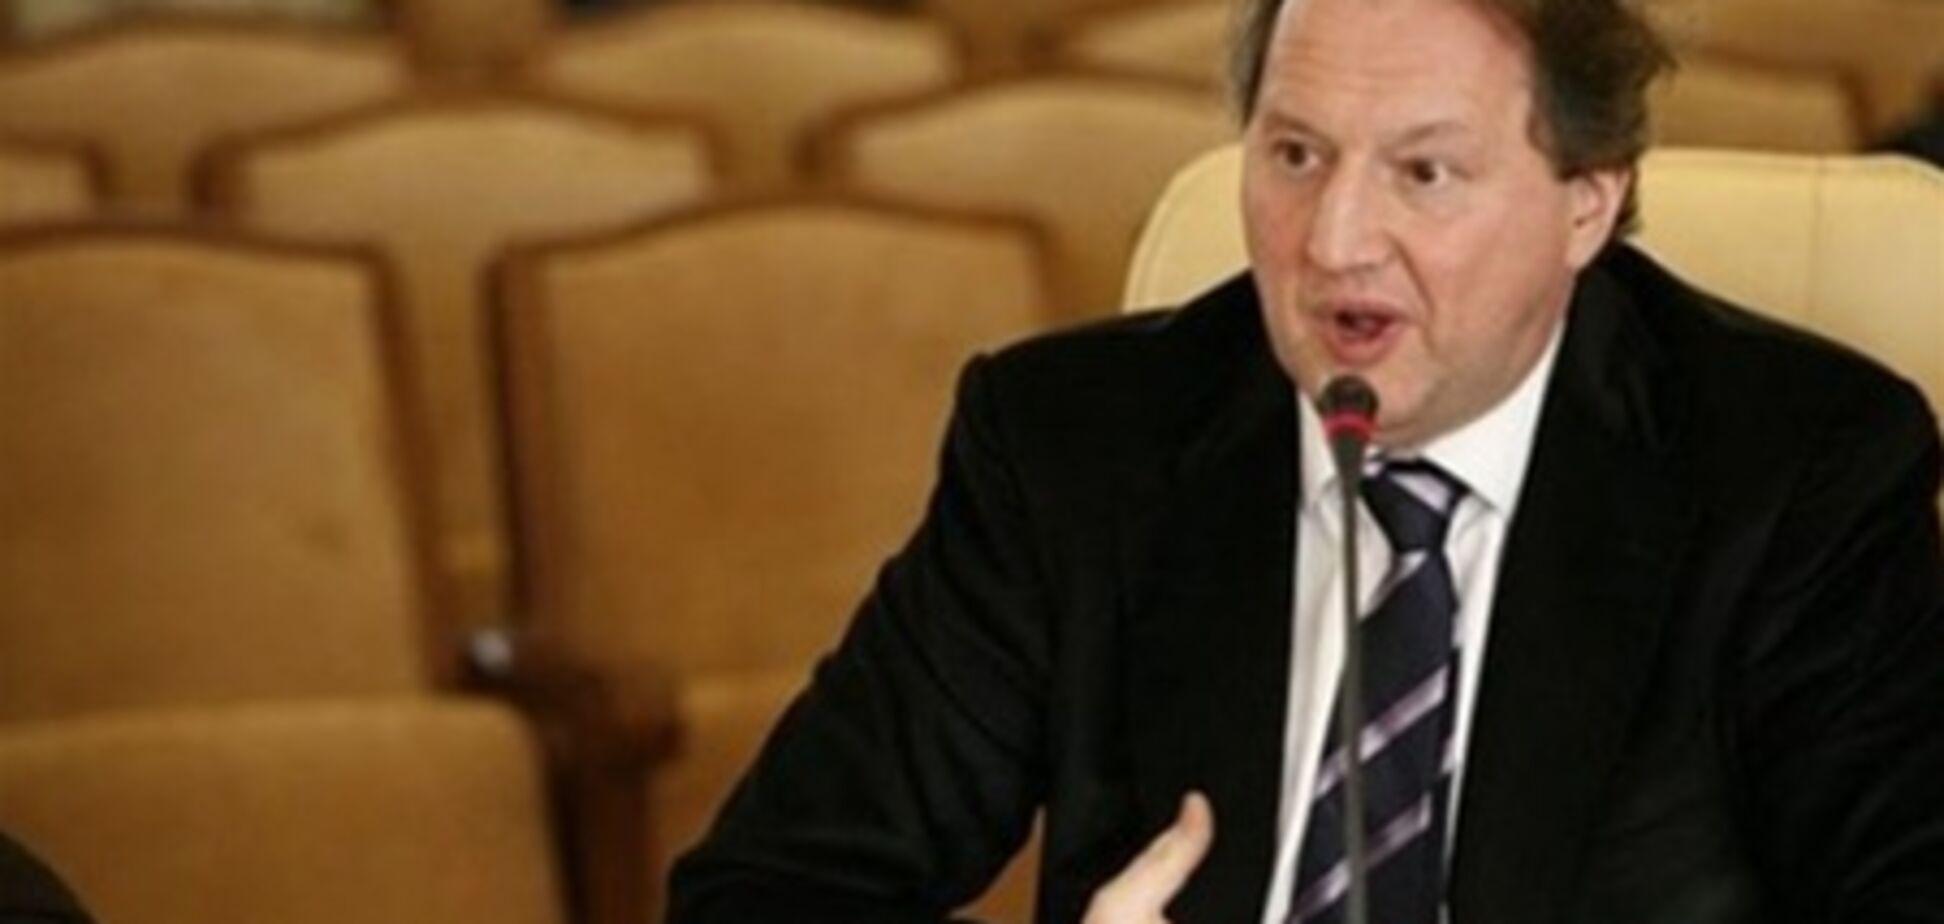 От подчиненного Черновецкого потребовали 1,6 милн гривен